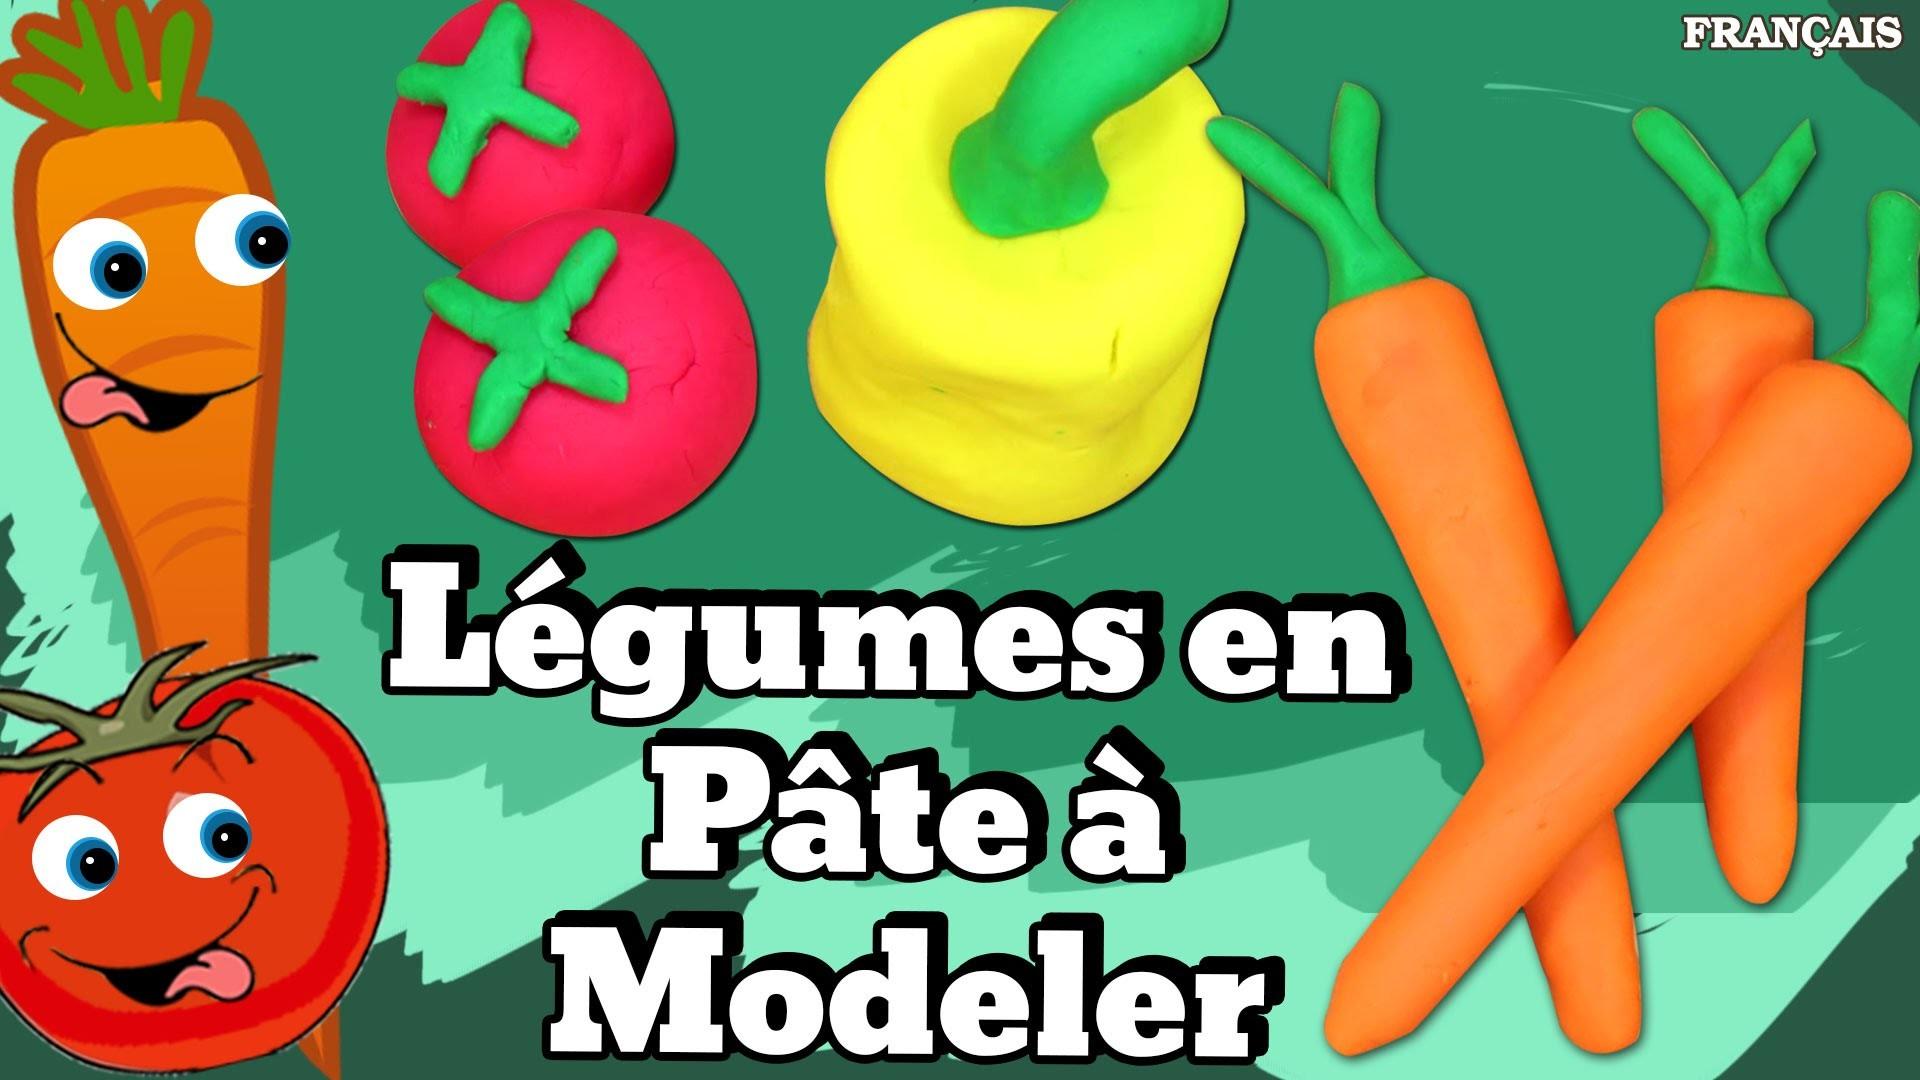 Francais Facile: How To Play Doh Vegetables in French | Légumes en Pâte à Modeler en Français